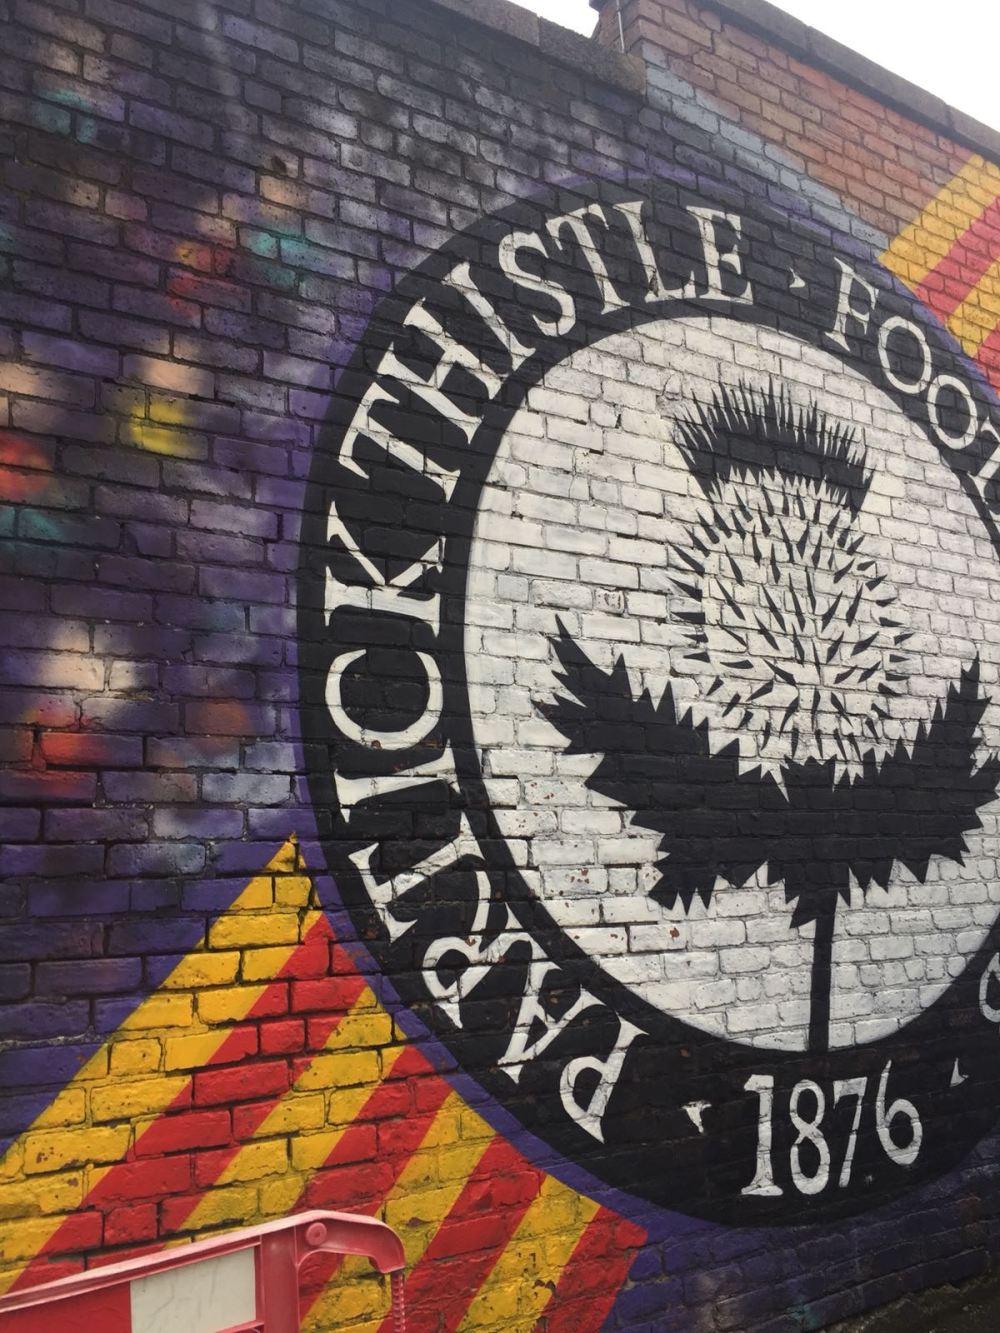 Firhill graffiti